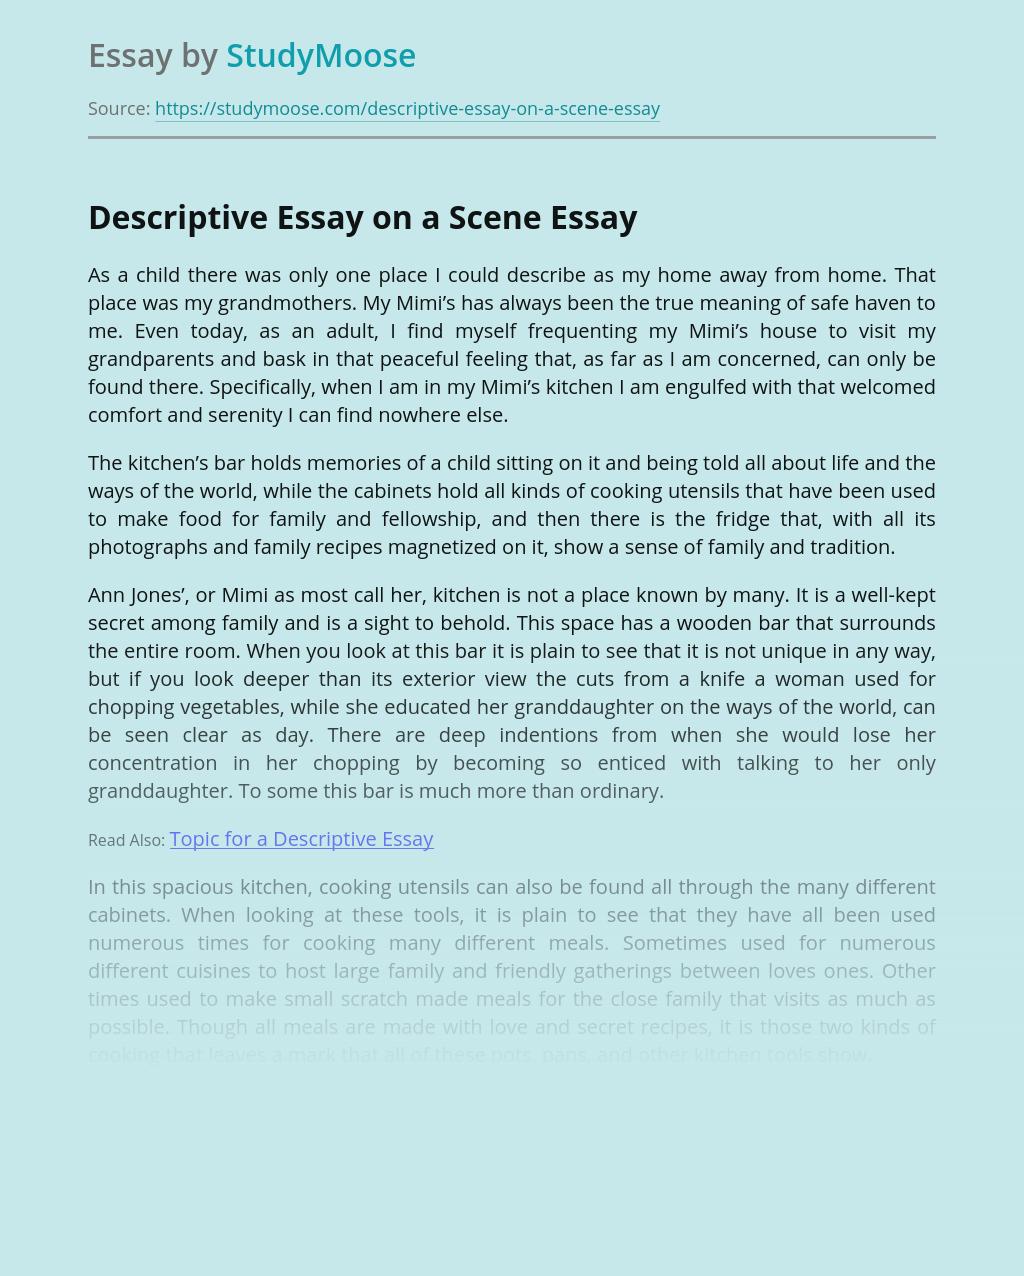 Descriptive Essay on a Scene